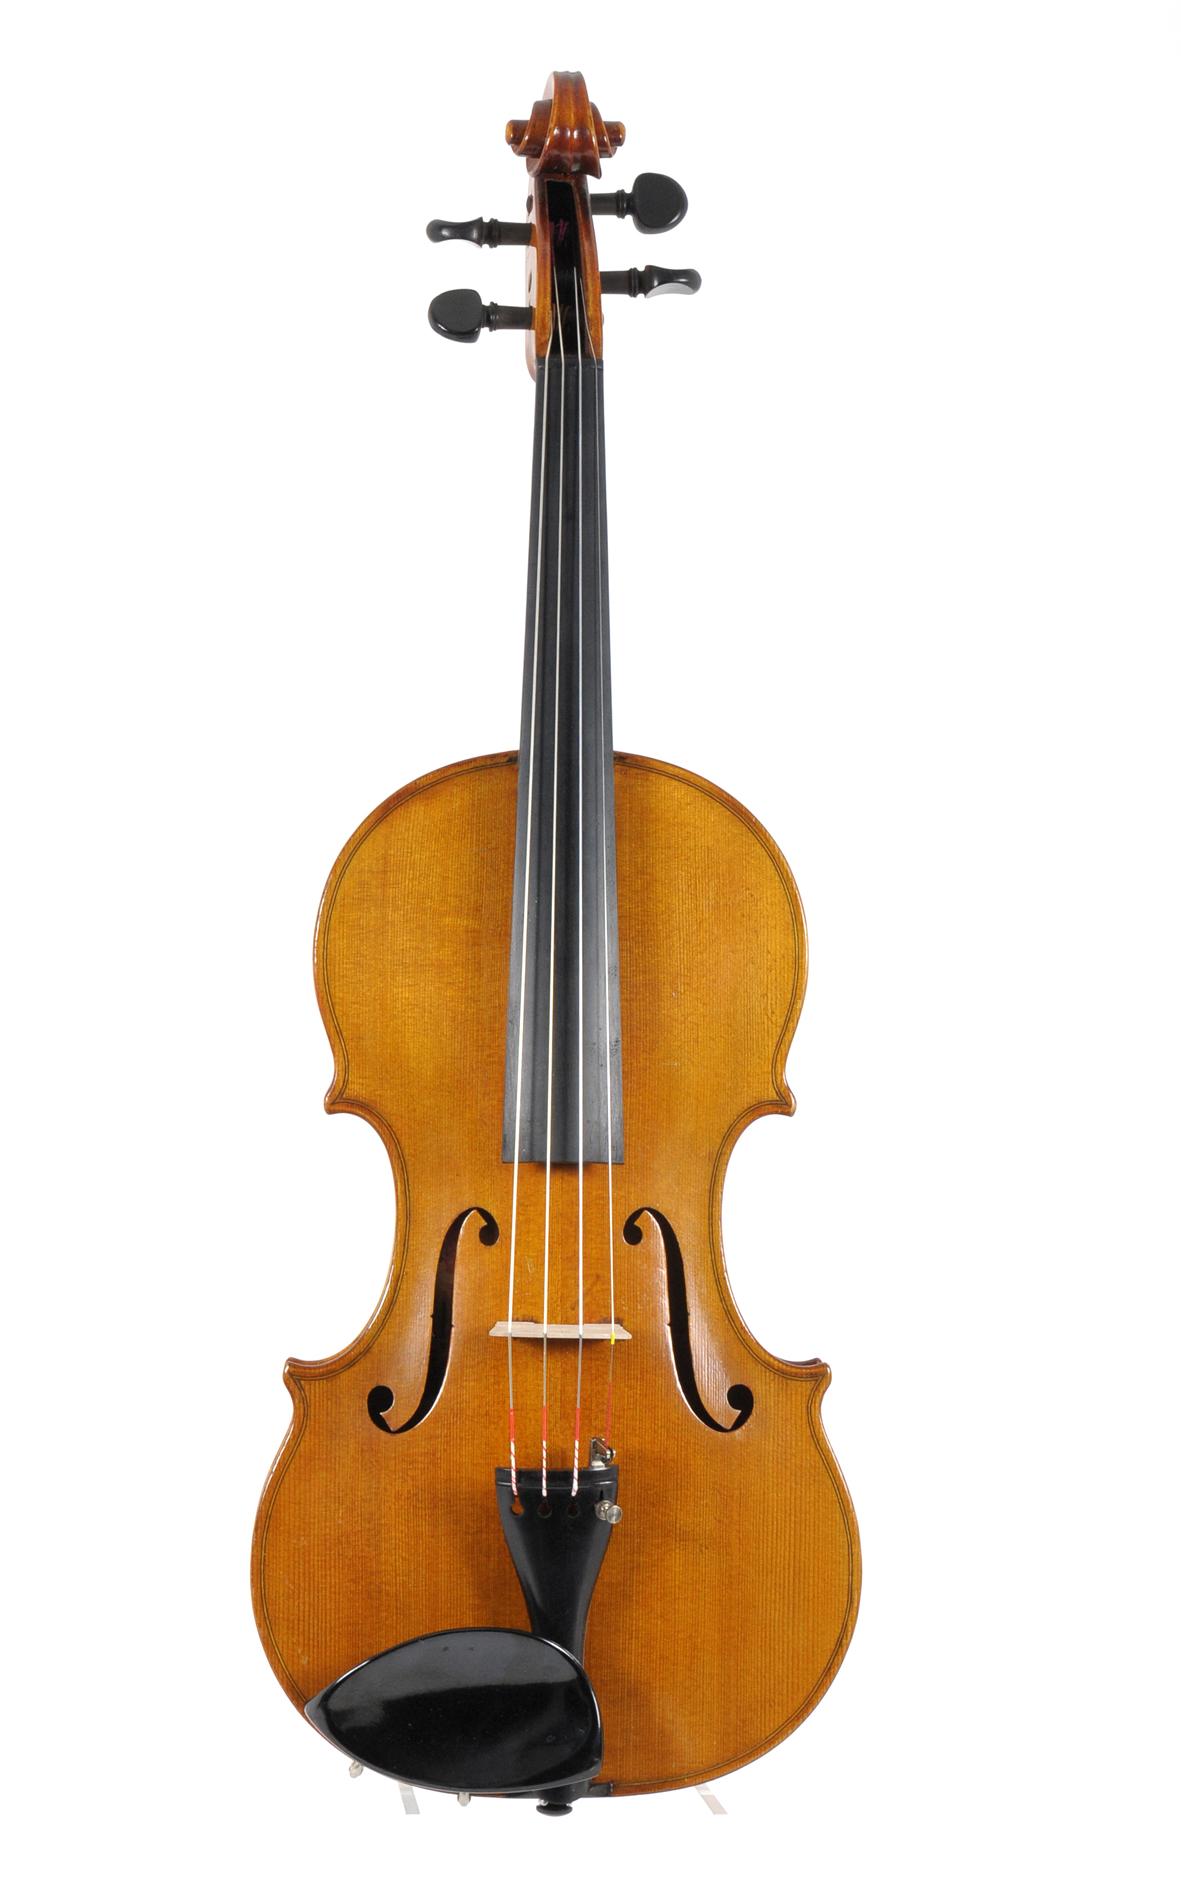 violine guarnerimodell von reidelbach m nchen violinen m nchen kunstgeigenbau reidelbach. Black Bedroom Furniture Sets. Home Design Ideas